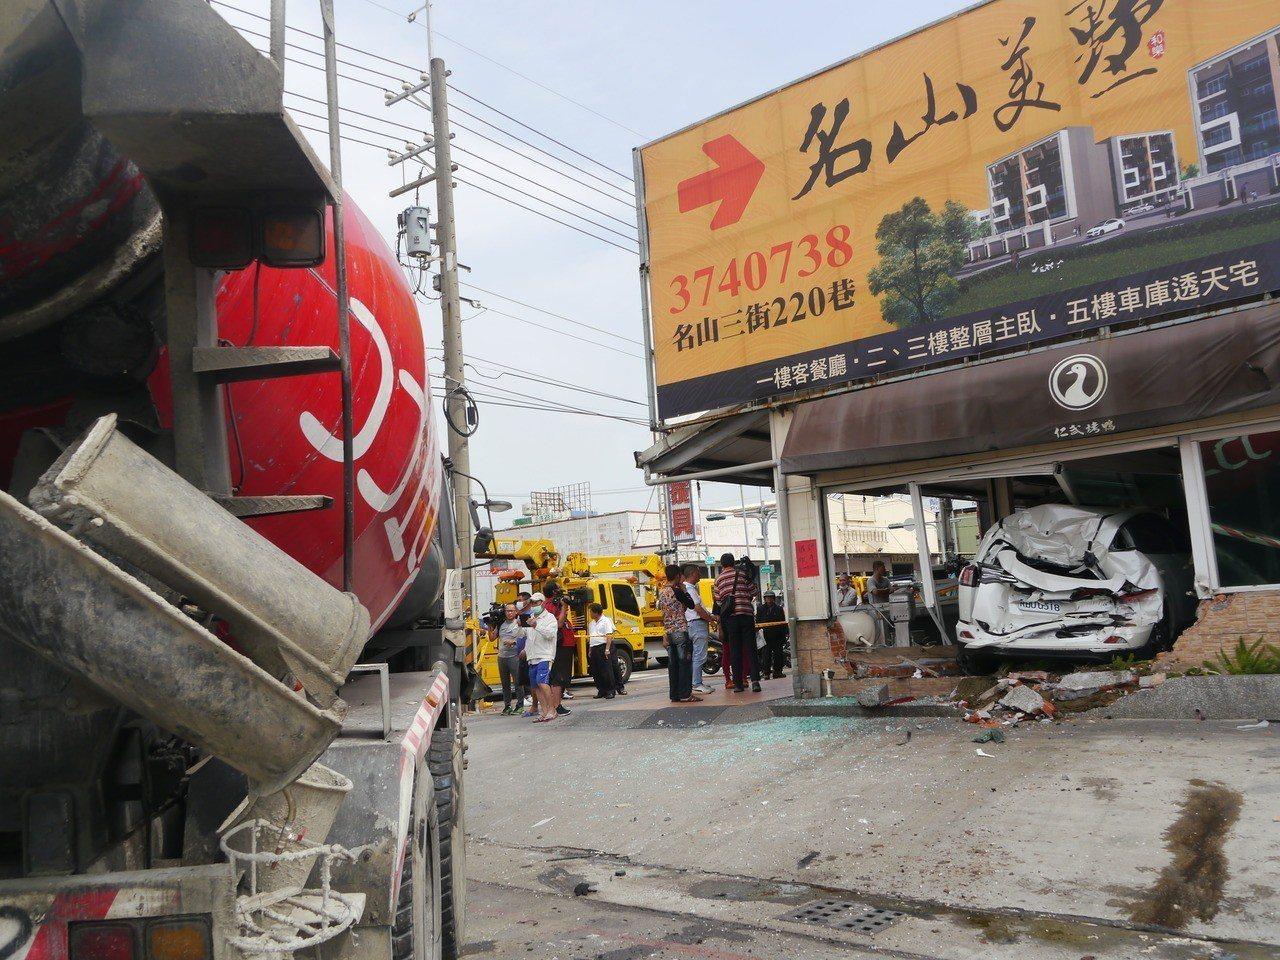 一輛預拌混凝土車失控衝撞多車,其中一輛休旅車撞入烤鴨店。記者徐白櫻/攝影